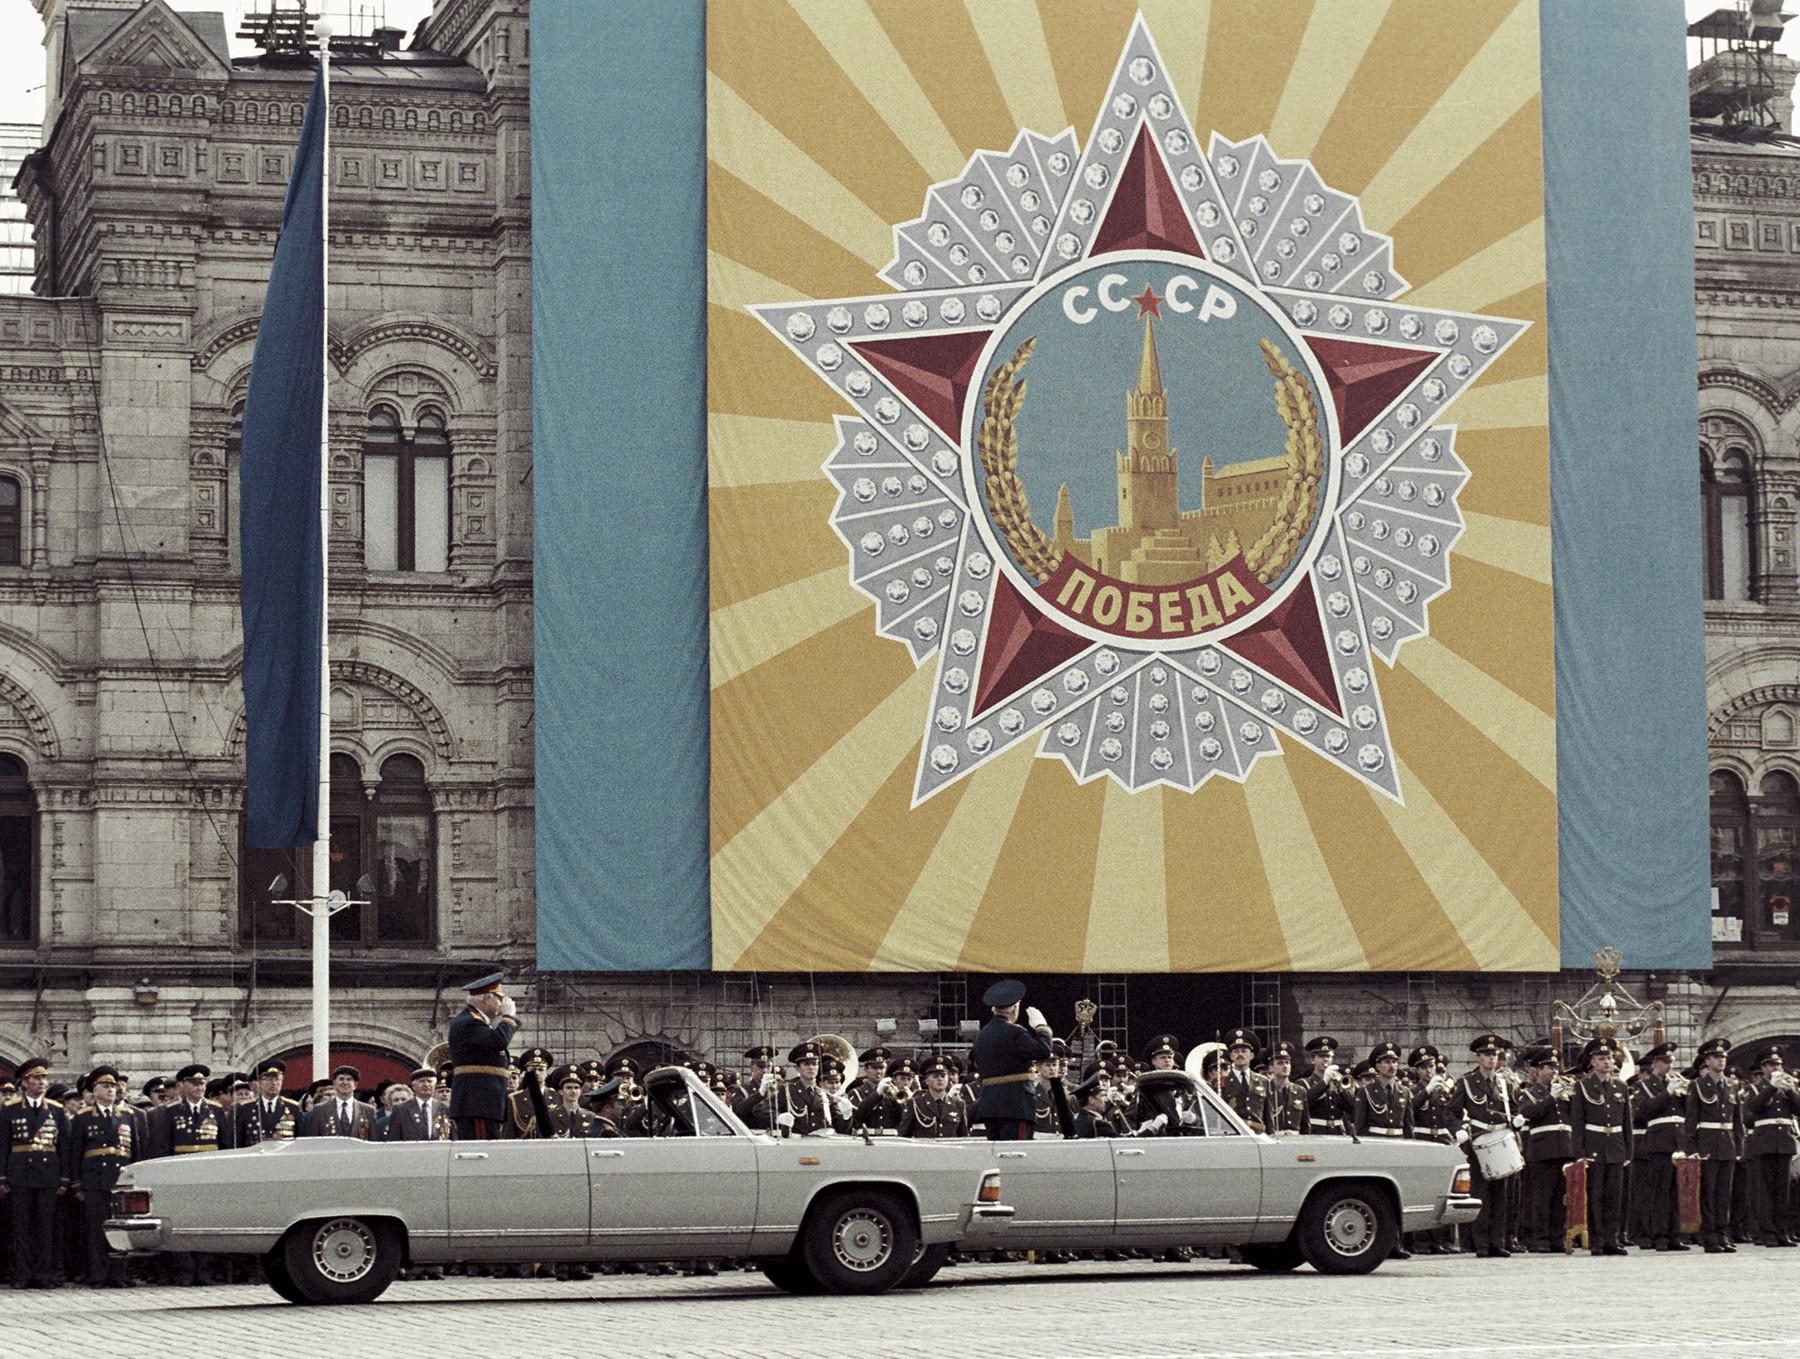 Генерал армије Владимир Говоров и маршал Совјетског Савеза Виктор Куликов у аутомобилима на Паради ветерана Великог отаџбинског рата поводом 50-годишњице прославе.